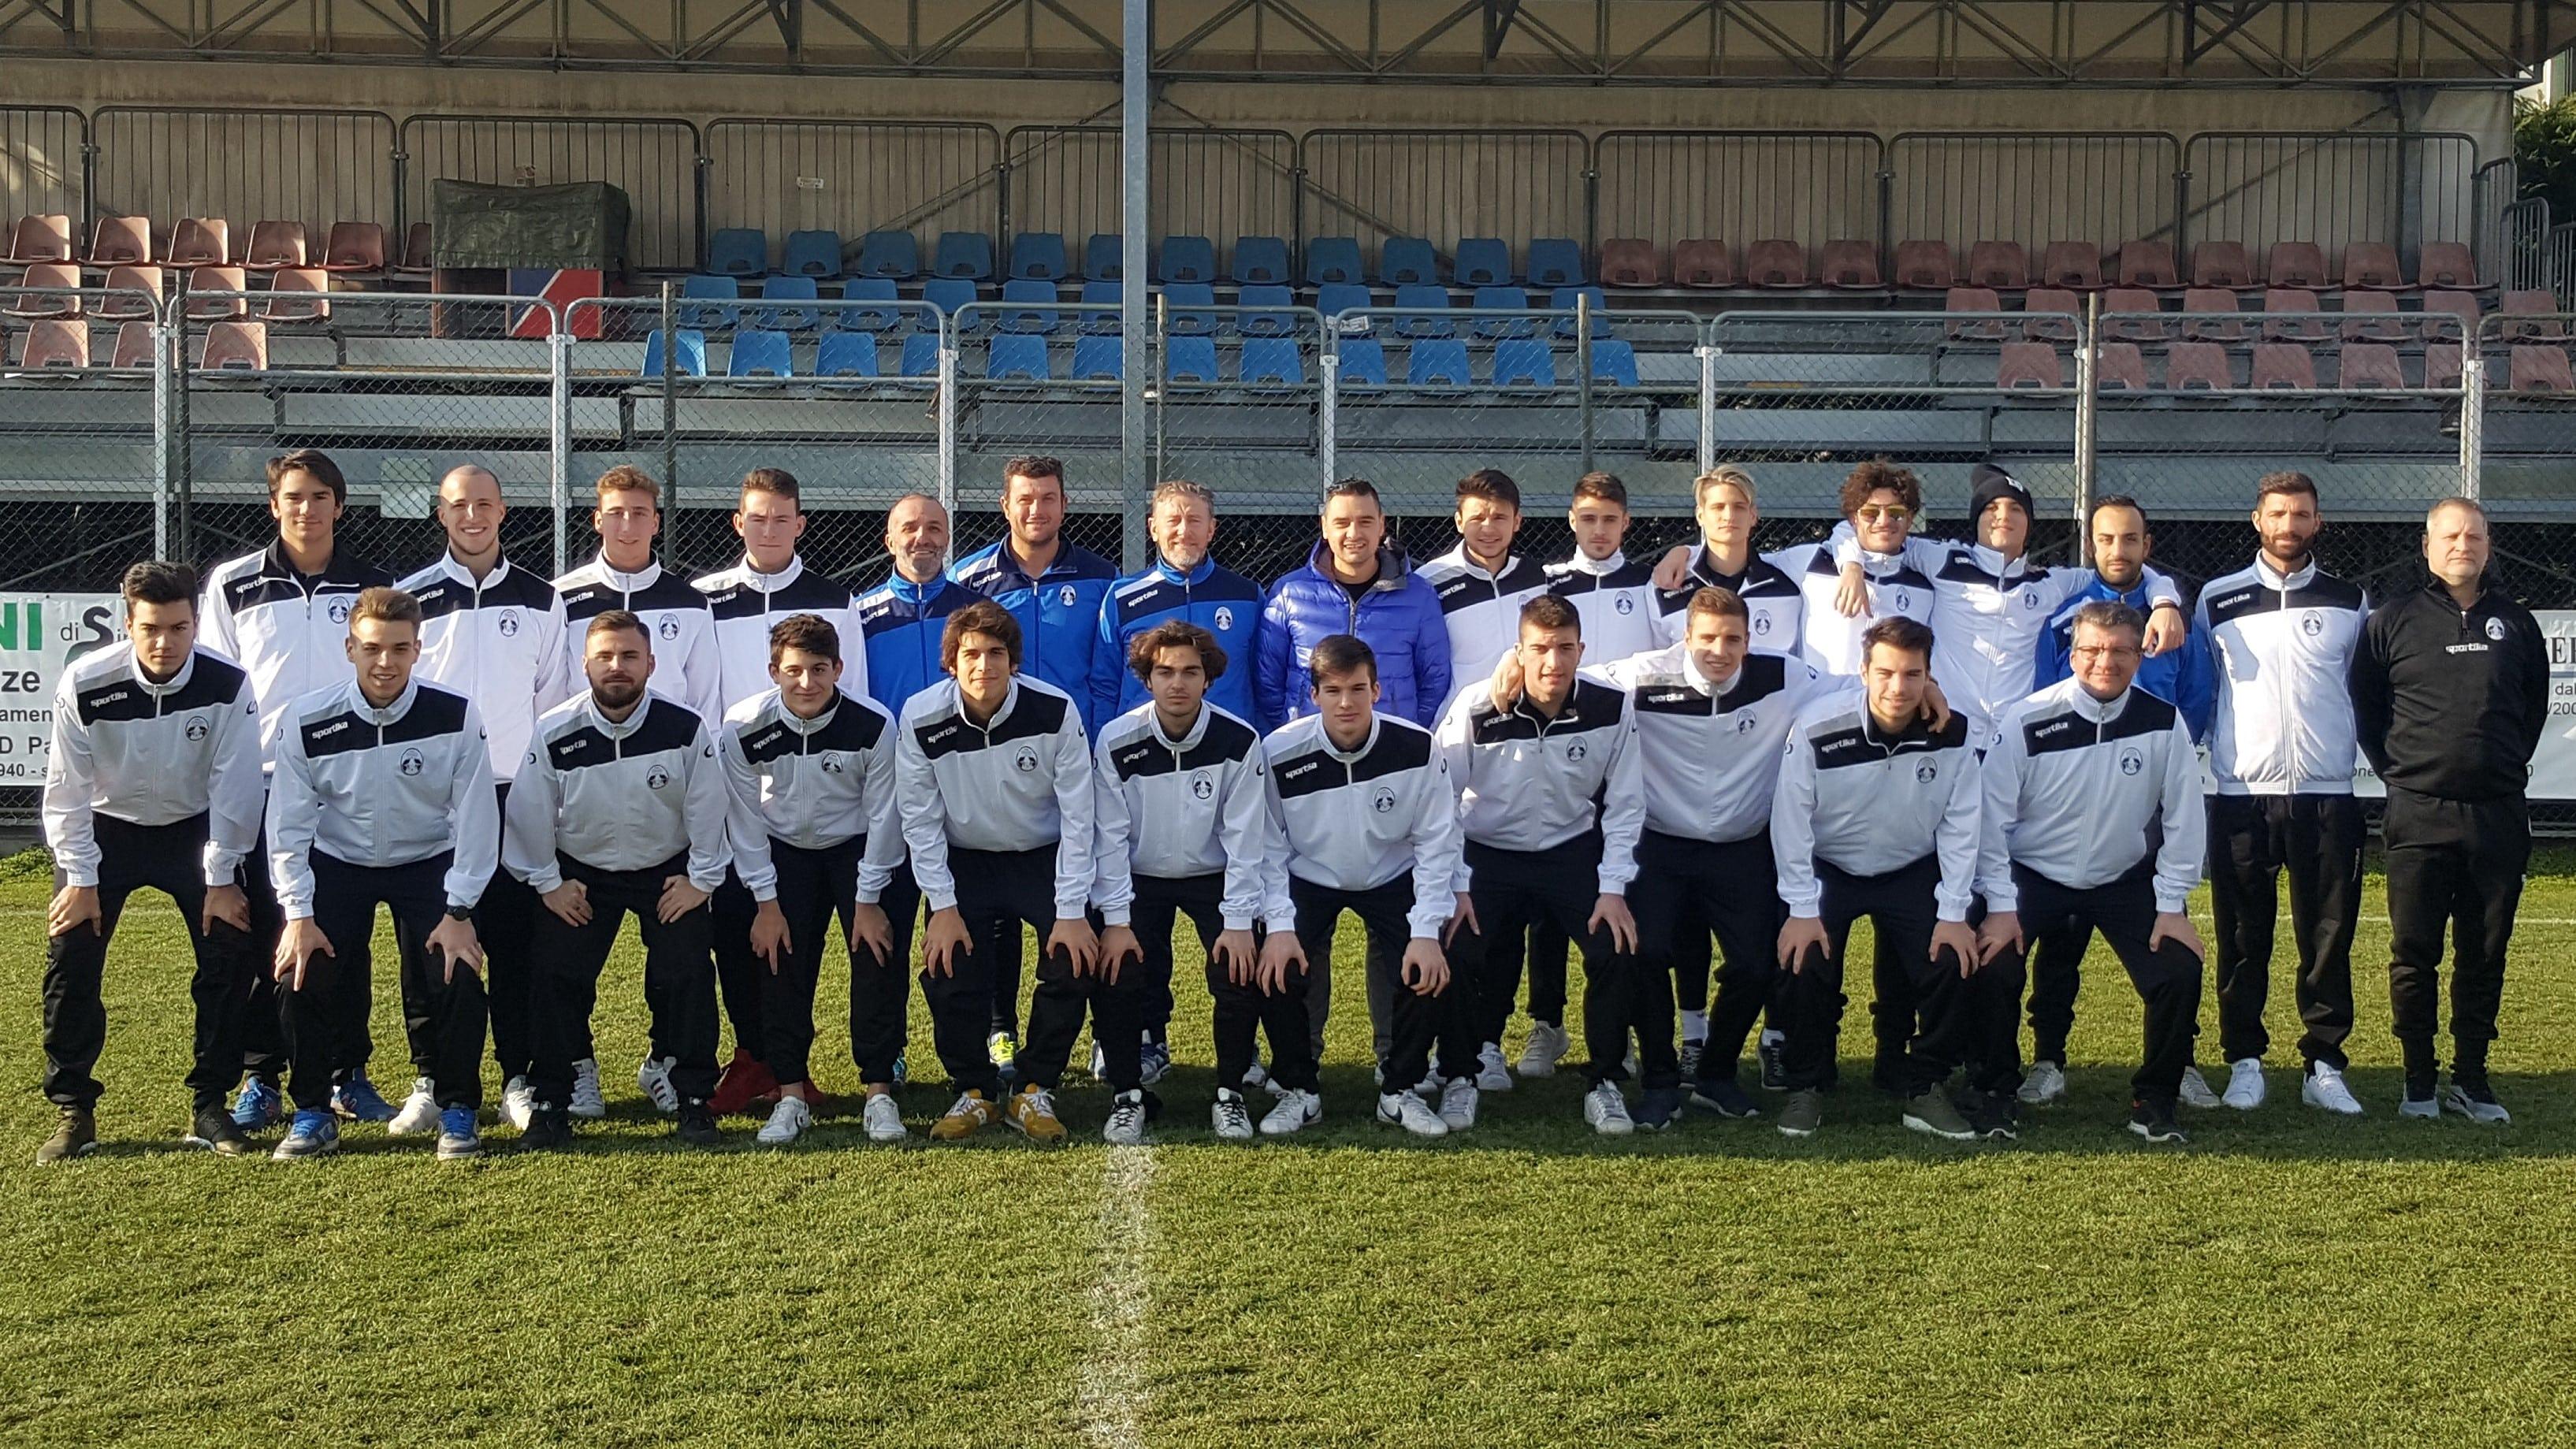 Prima Squadra Campionato Eccellenza 2017 - 2018